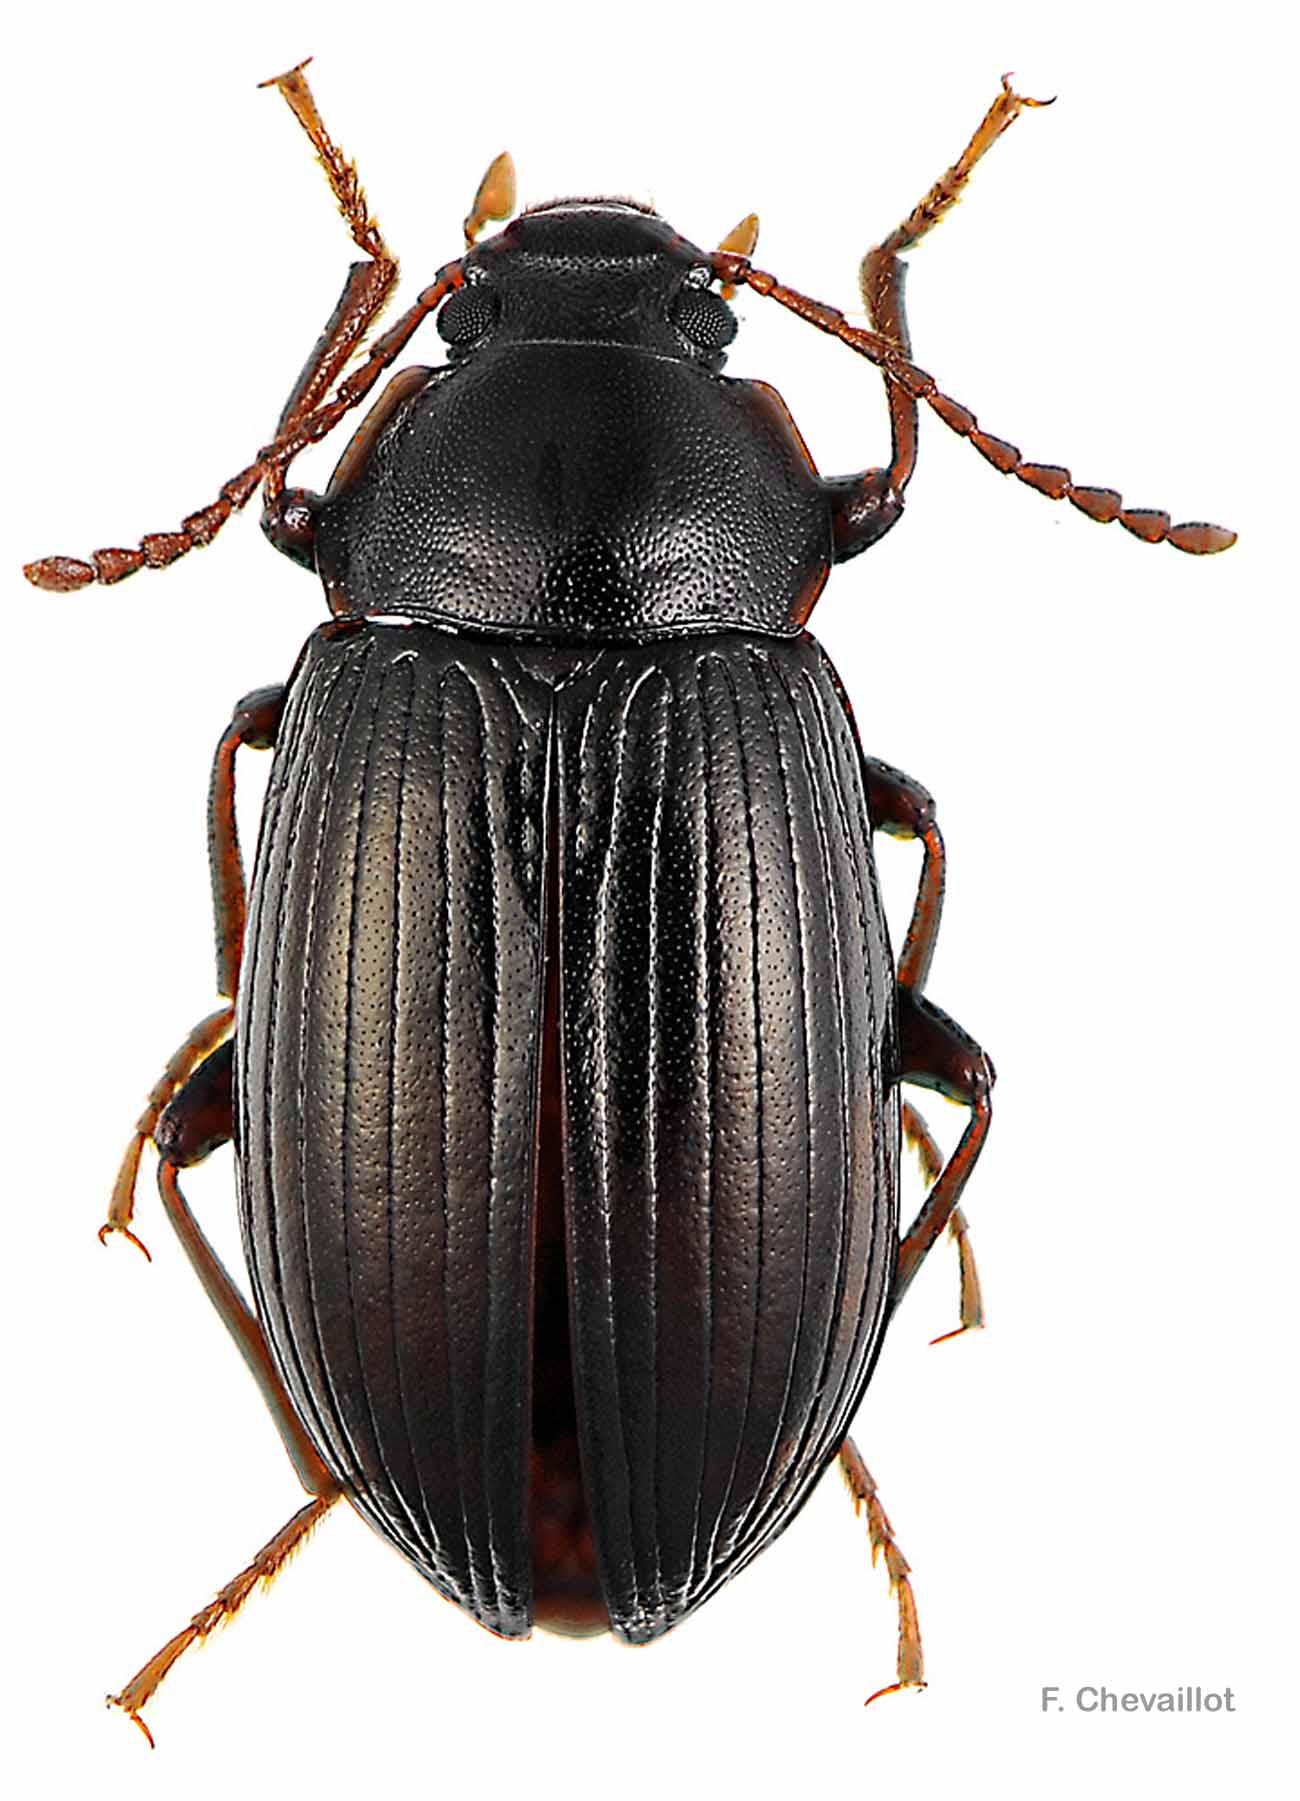 Nalassus dryadophilus